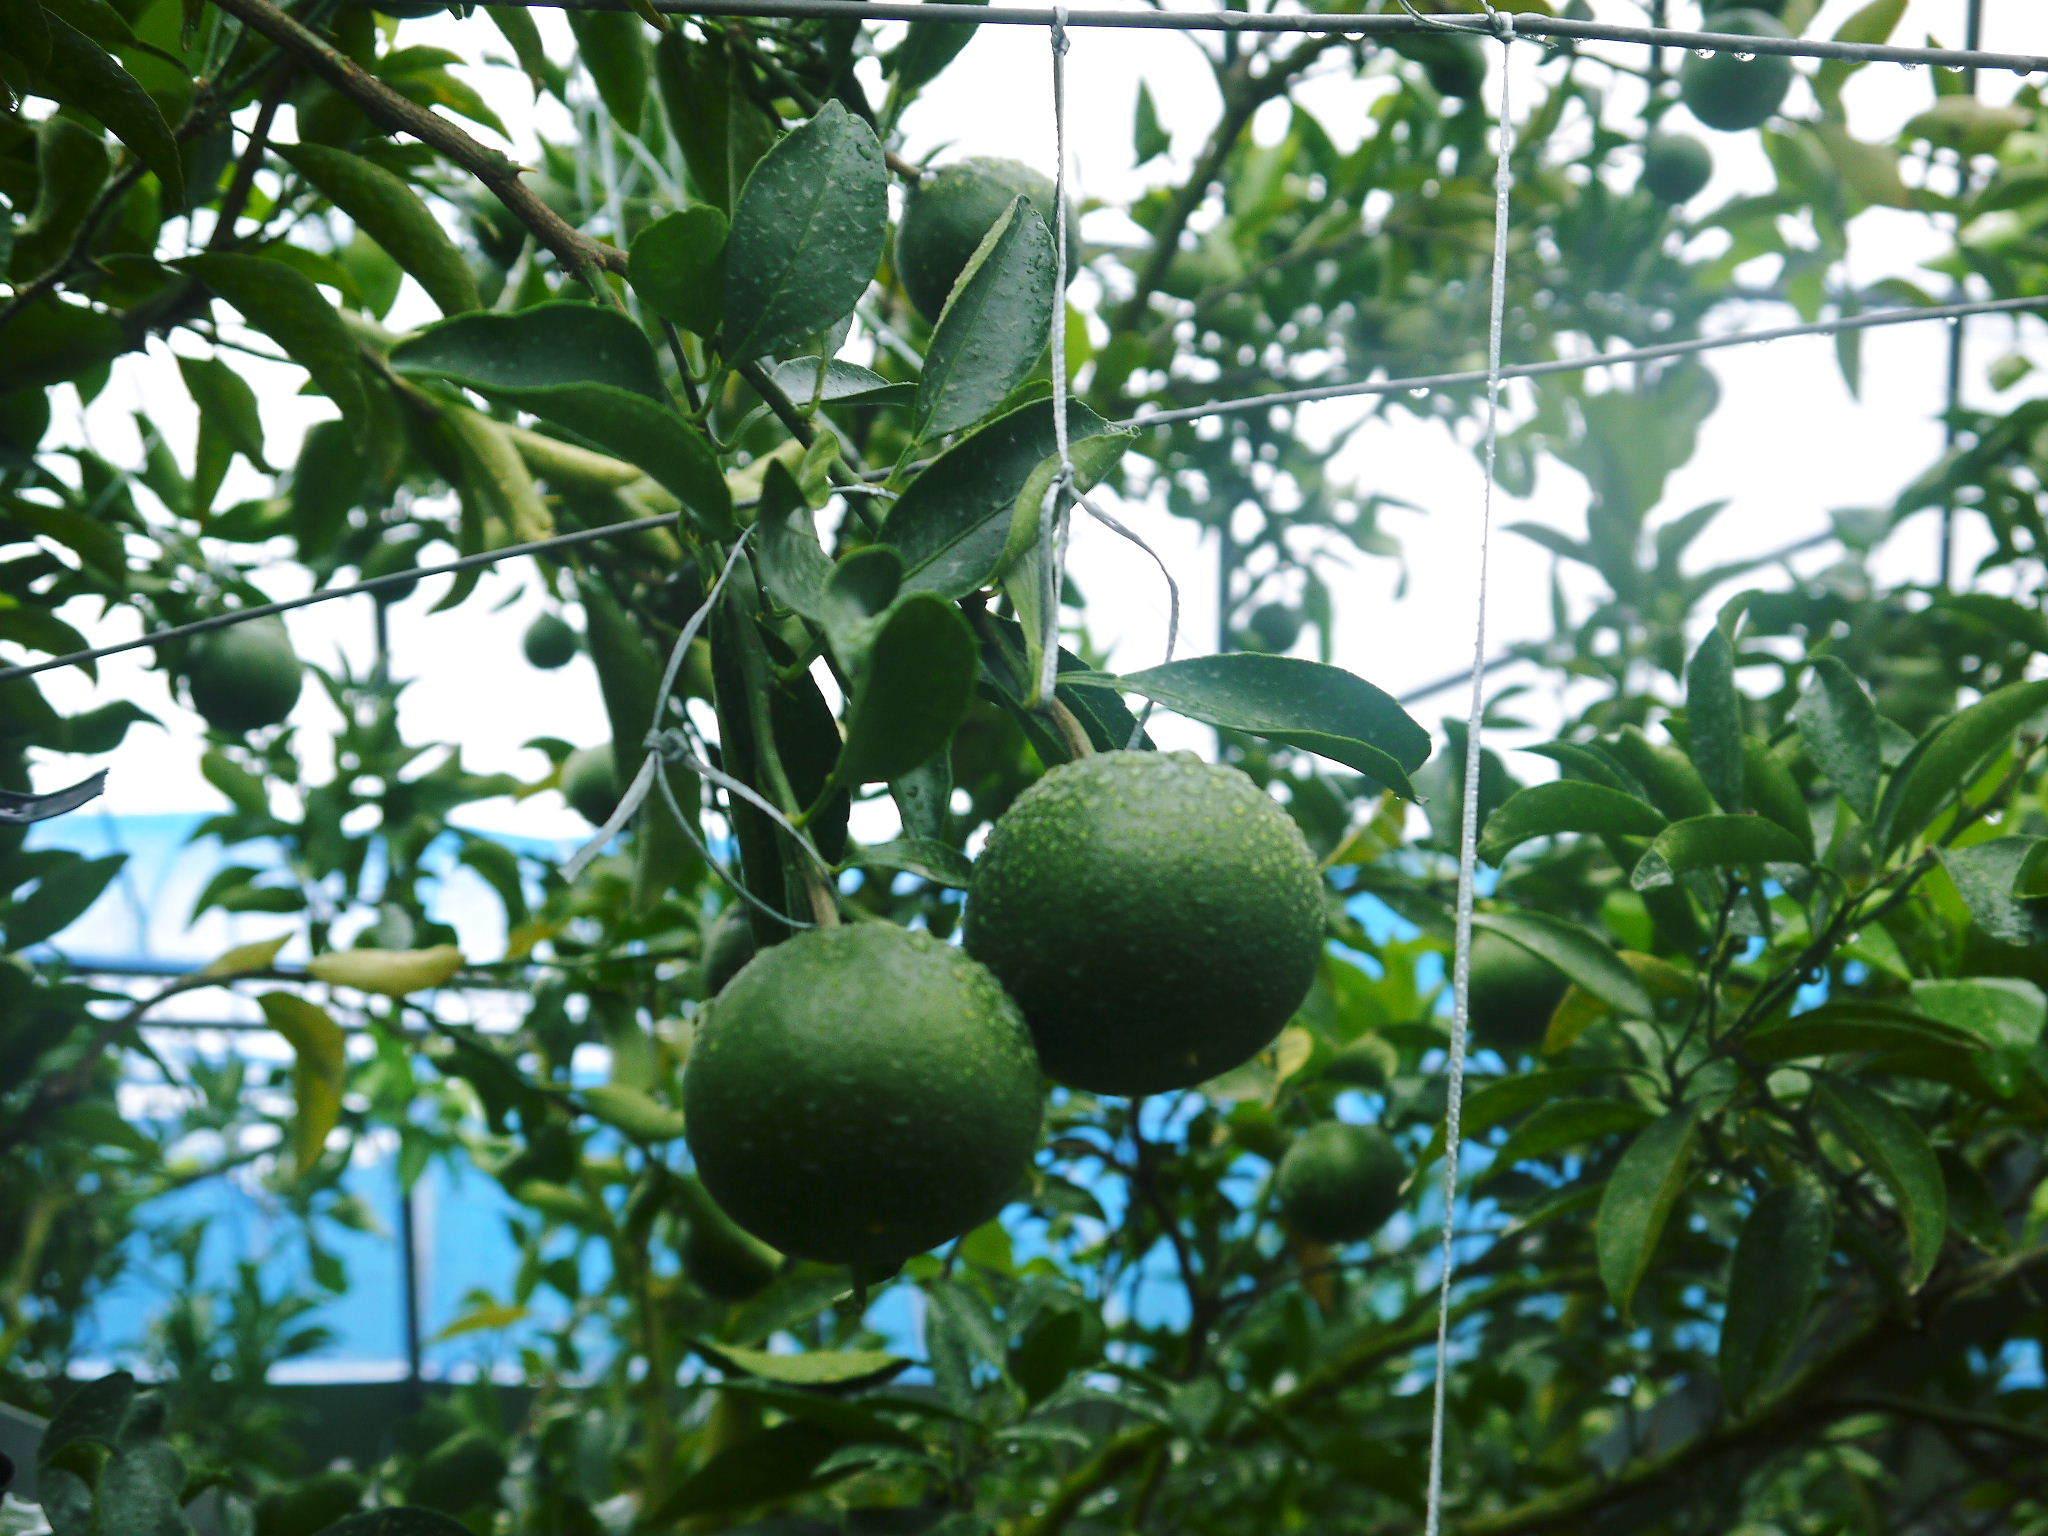 究極の柑橘「せとか」 摘果作業と玉吊り作業 樹勢も良く来年活躍する新芽も元気に芽吹いてます!_a0254656_18205425.jpg